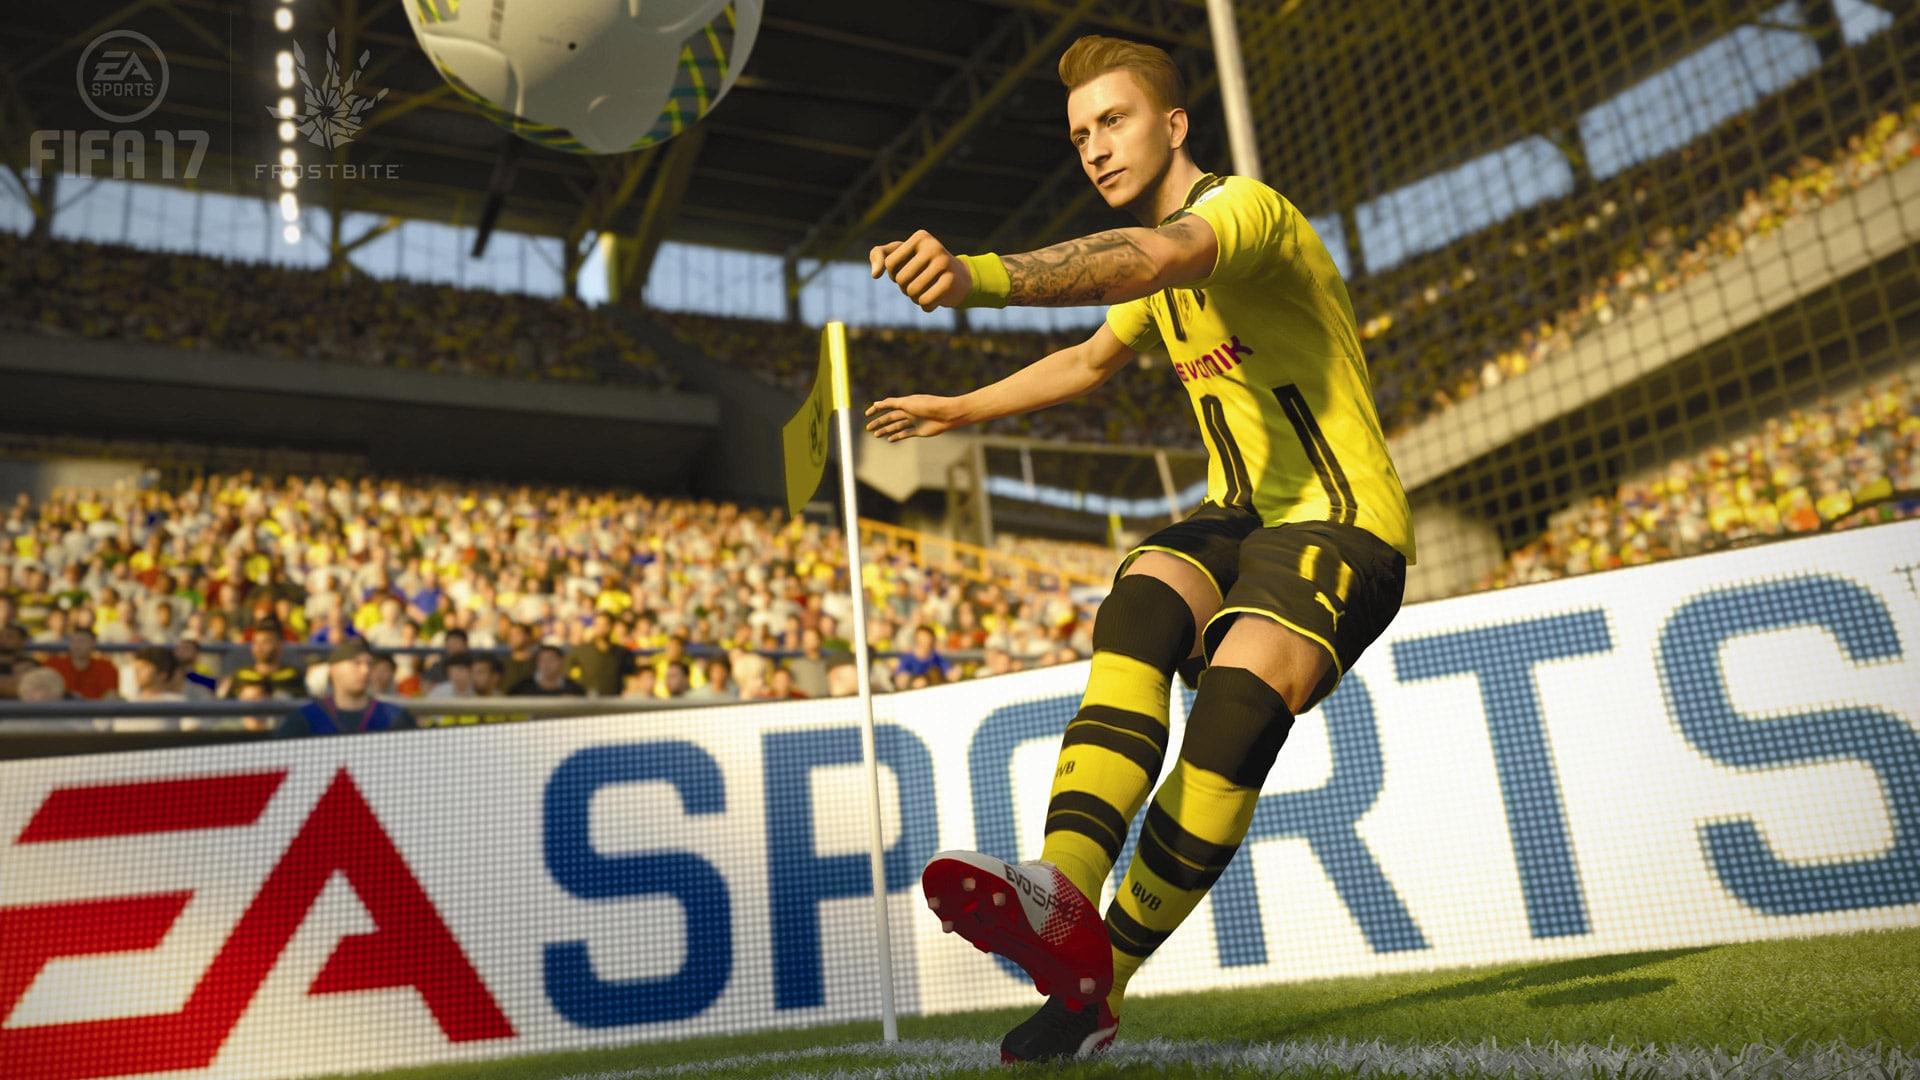 FIFA 17 Widescreen